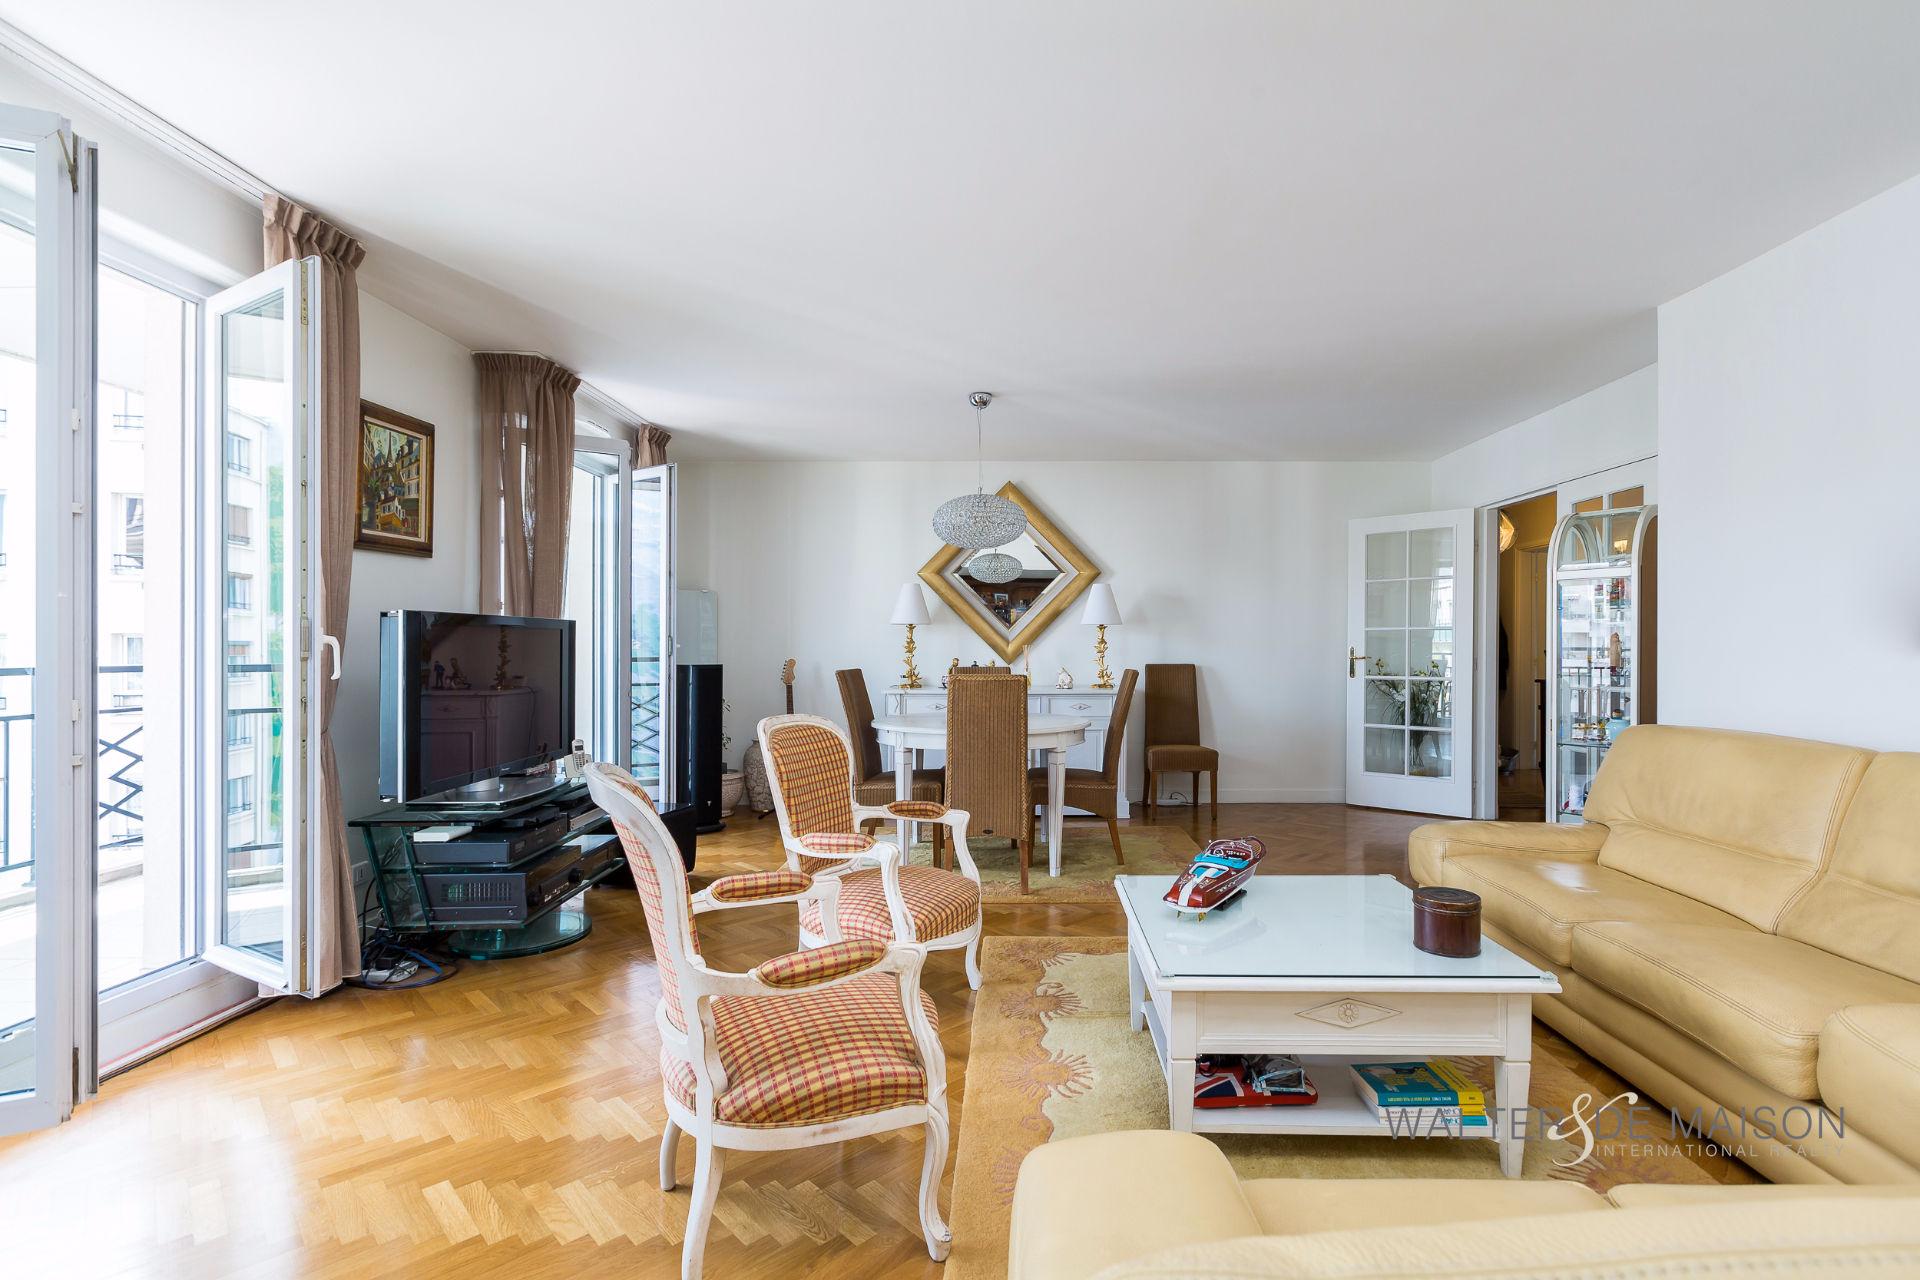 Appartement 5 pièce(s) 122 m²                         92120 MONTROUGE